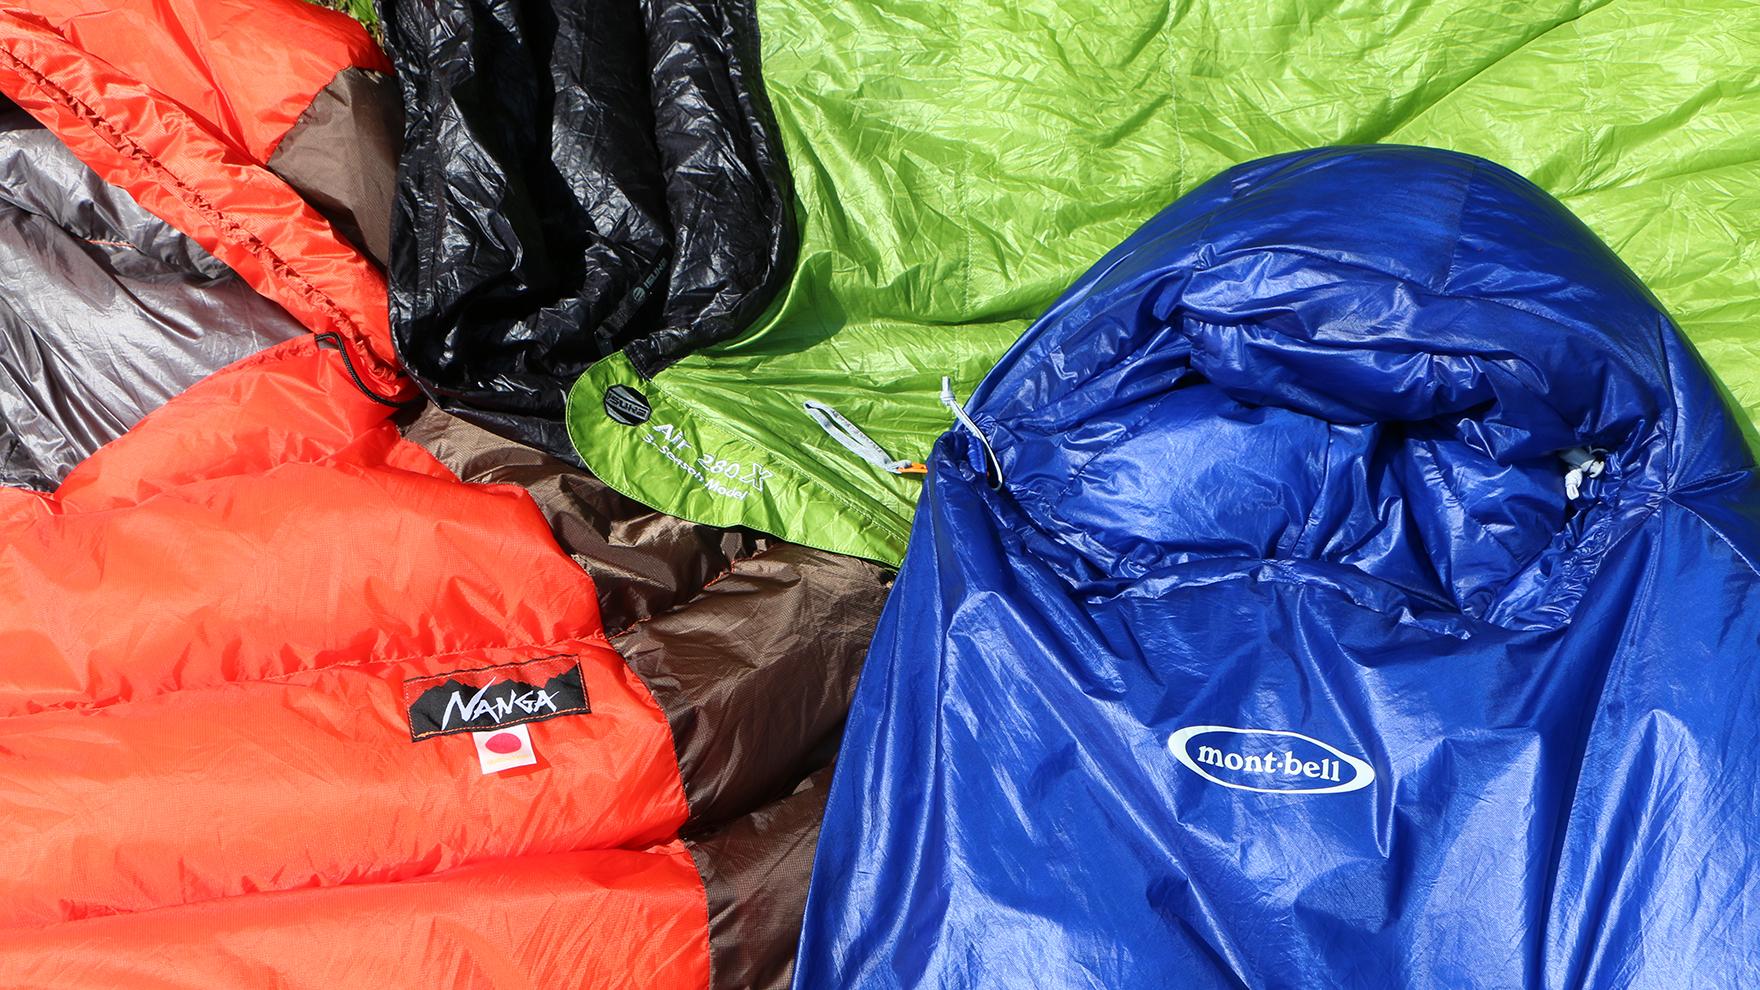 比較レビュー:夏用スリーピングバッグ モンベルの最新ハイテク寝袋の実力は?国内人気モデルと比較してみた